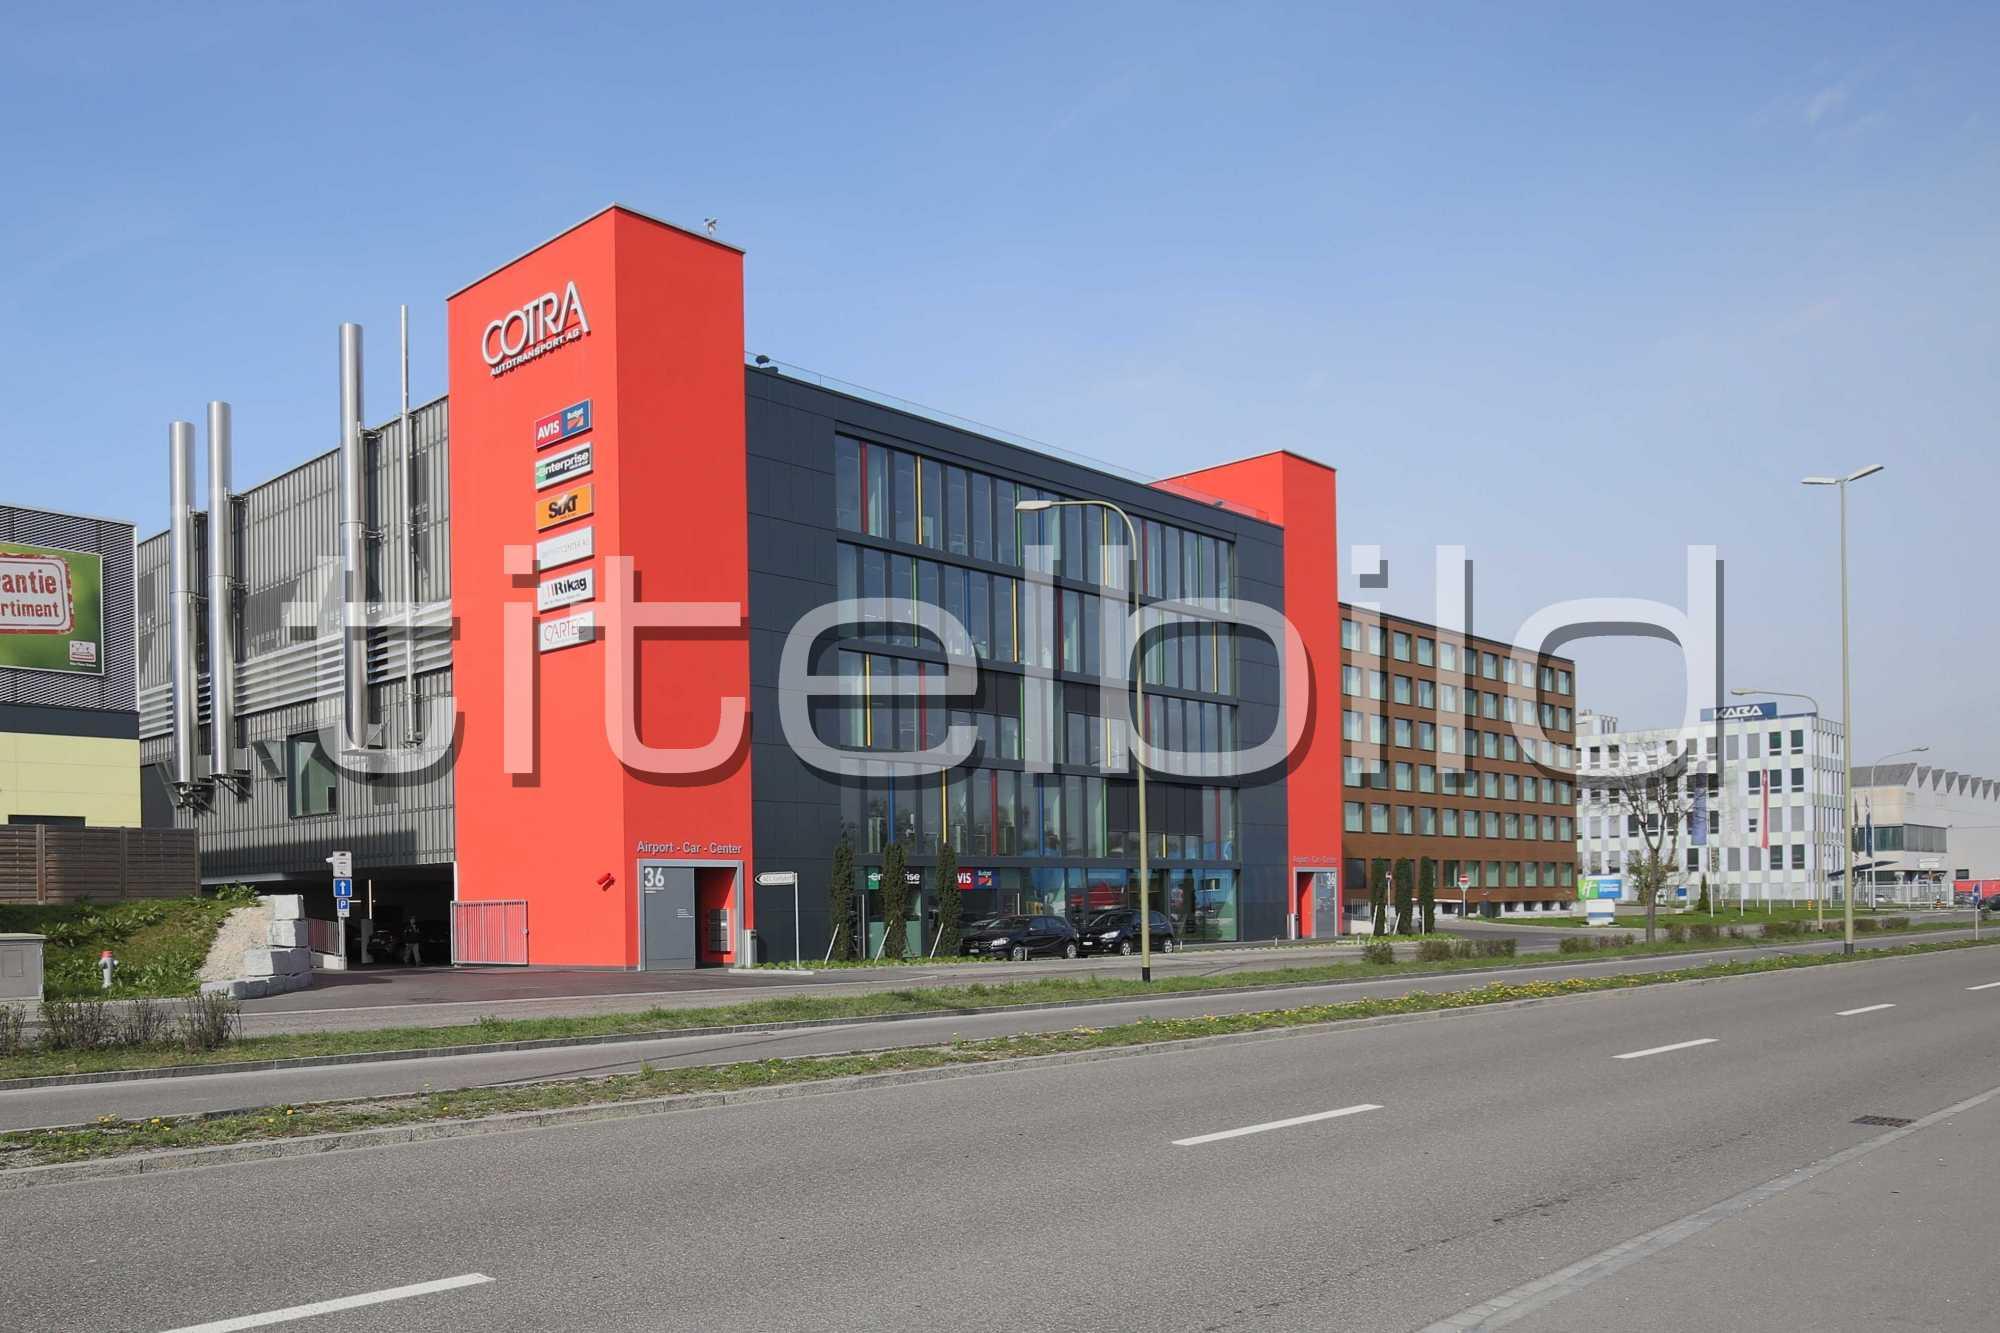 Projektbild-Nr. 1: Airport Car Center